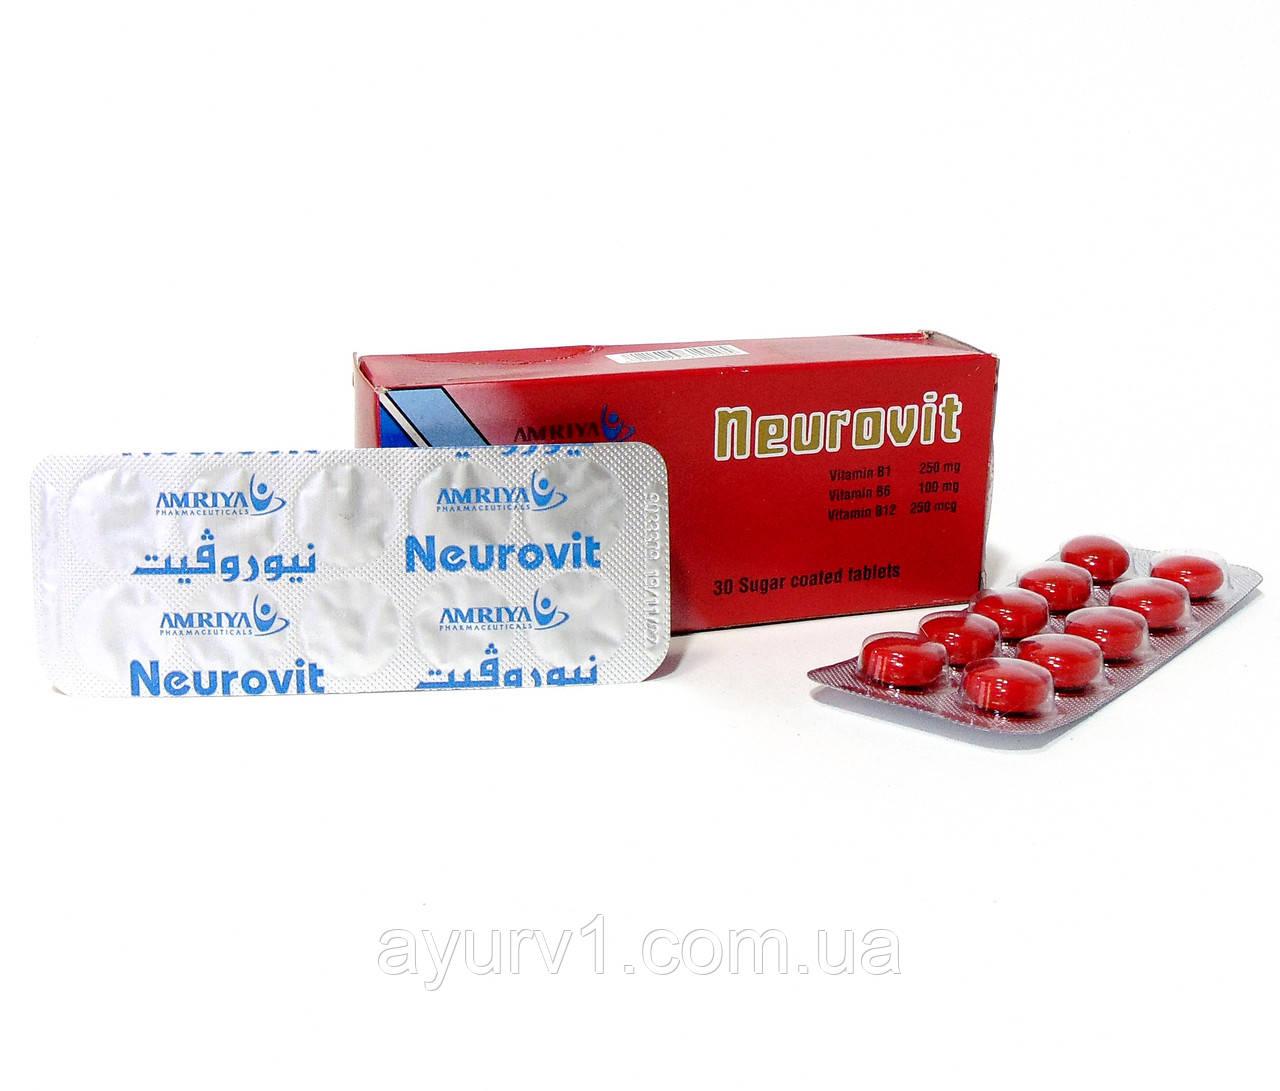 Неуровит, Neurovit анальгетик с витаминами В1, В6 и В12, 30 таб